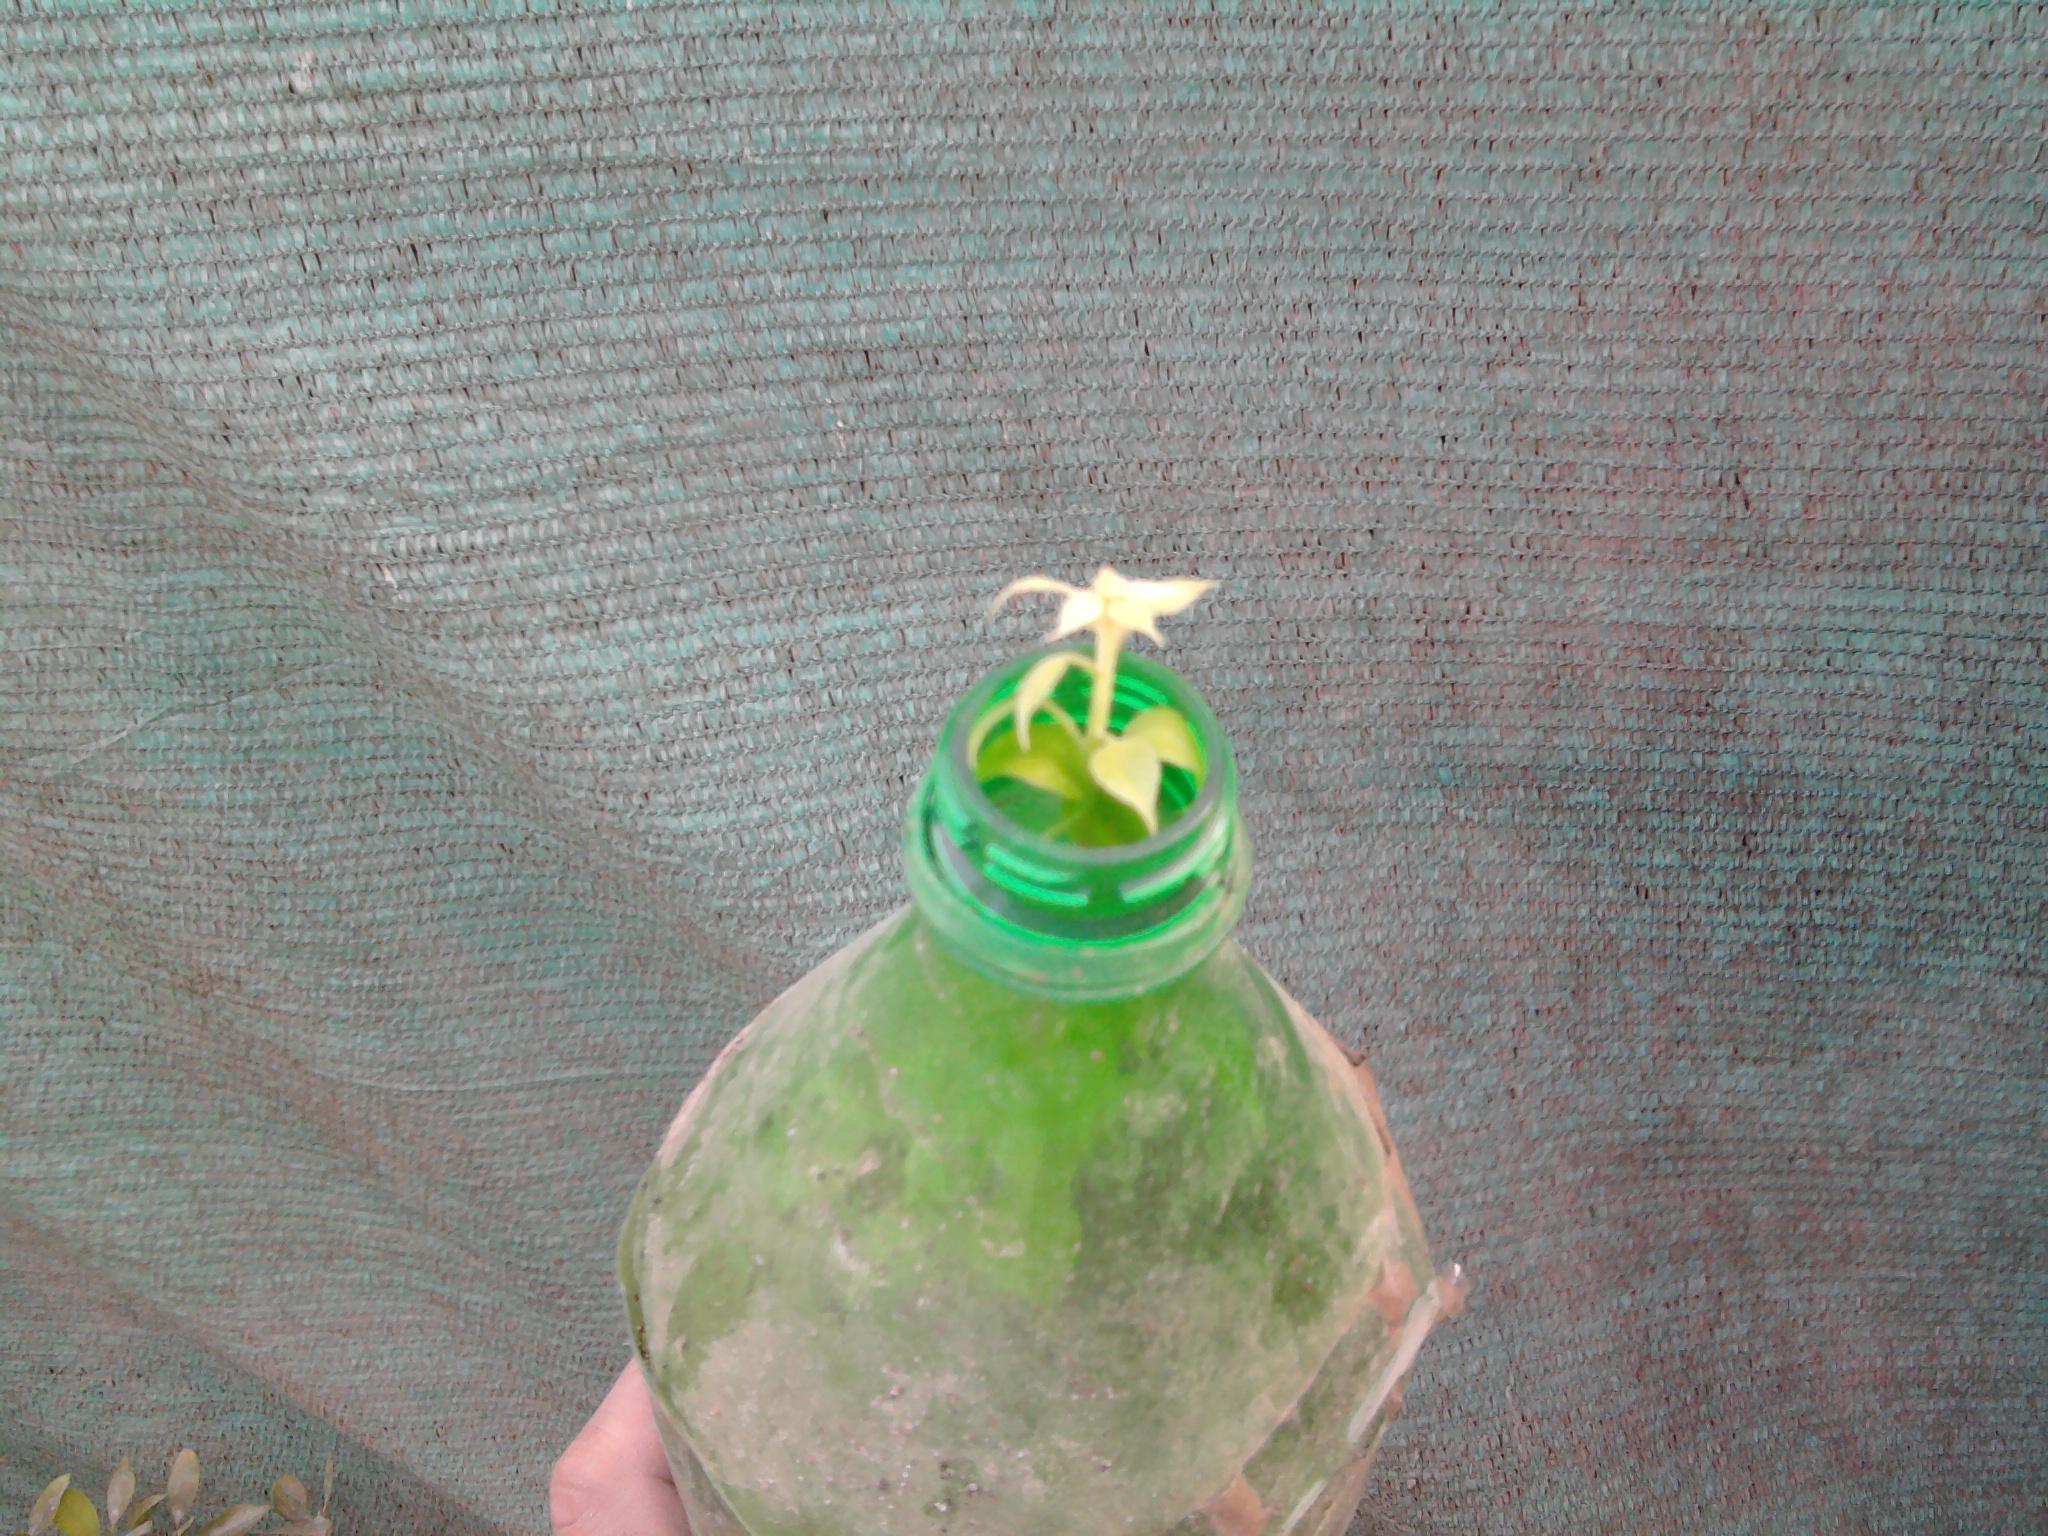 طريقة زراعة ازهار الجهنمية Bougainvillea